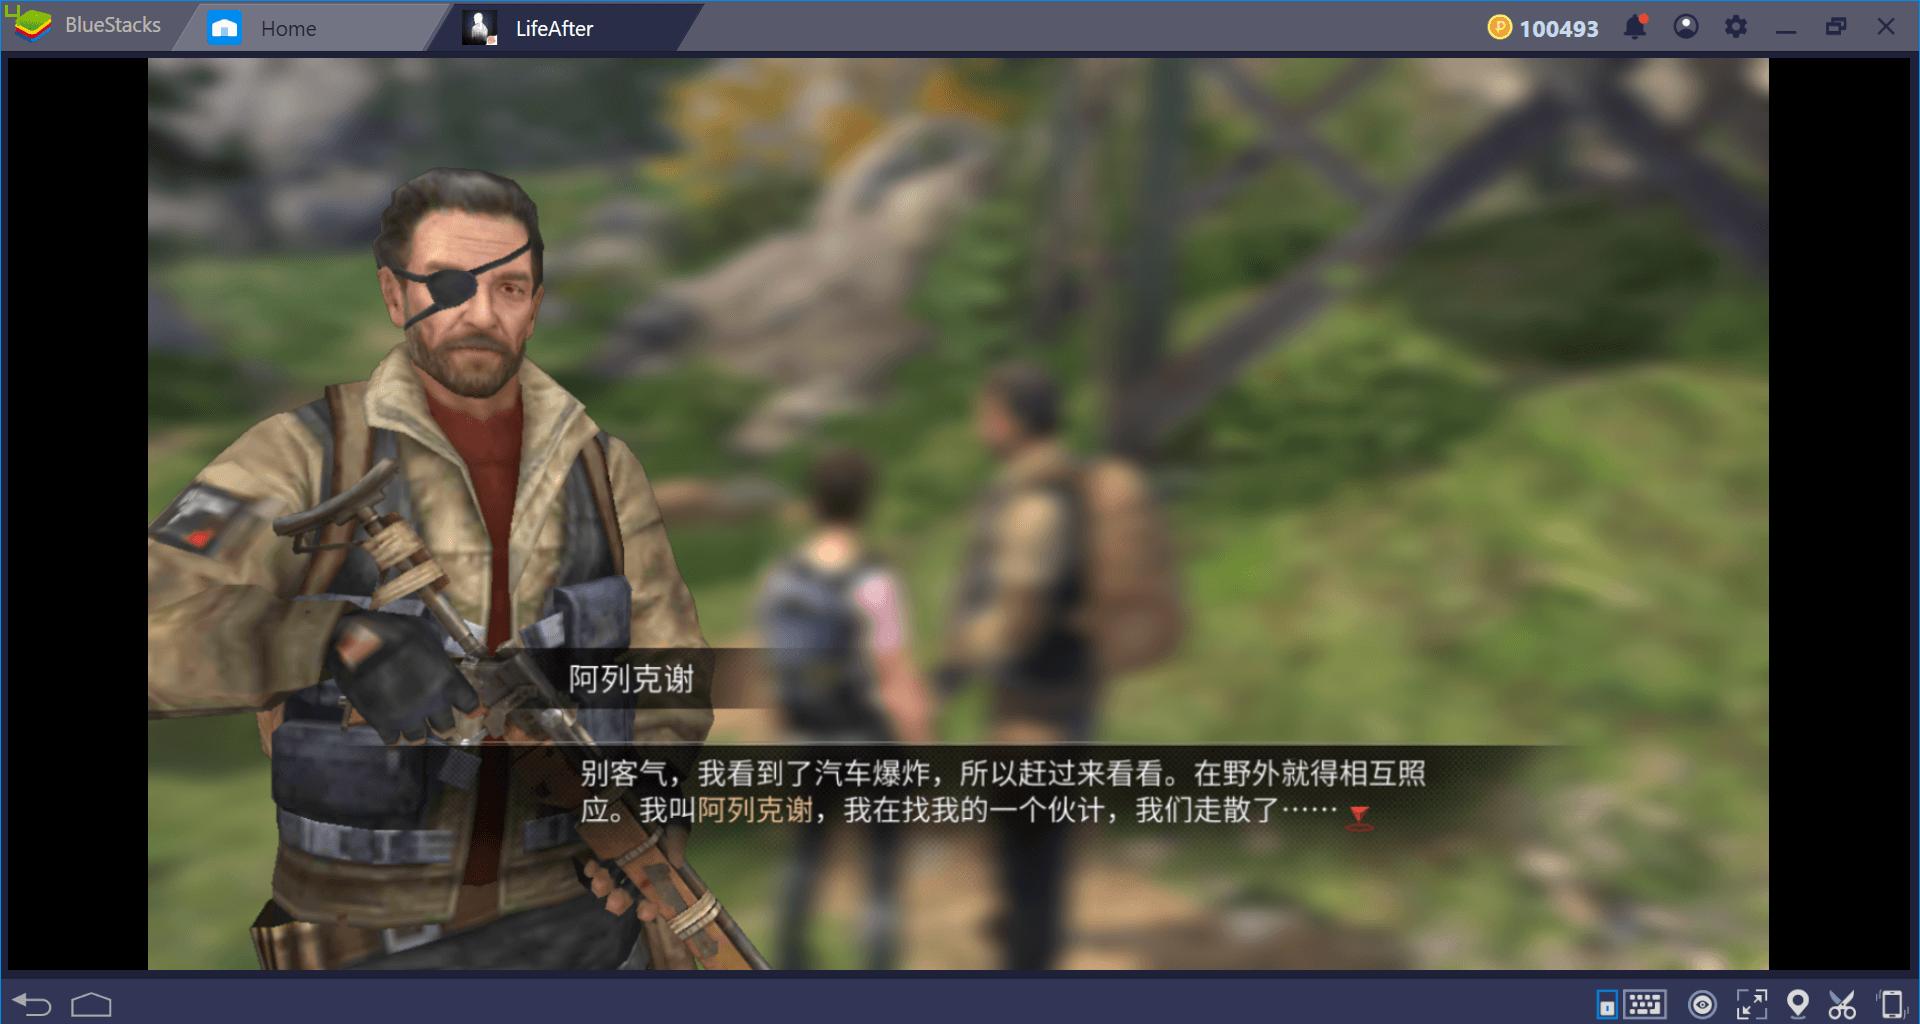 BlueStacks, İstediğiniz Her Oyunu İstediğiniz Dile Anında Çevirebiliyor